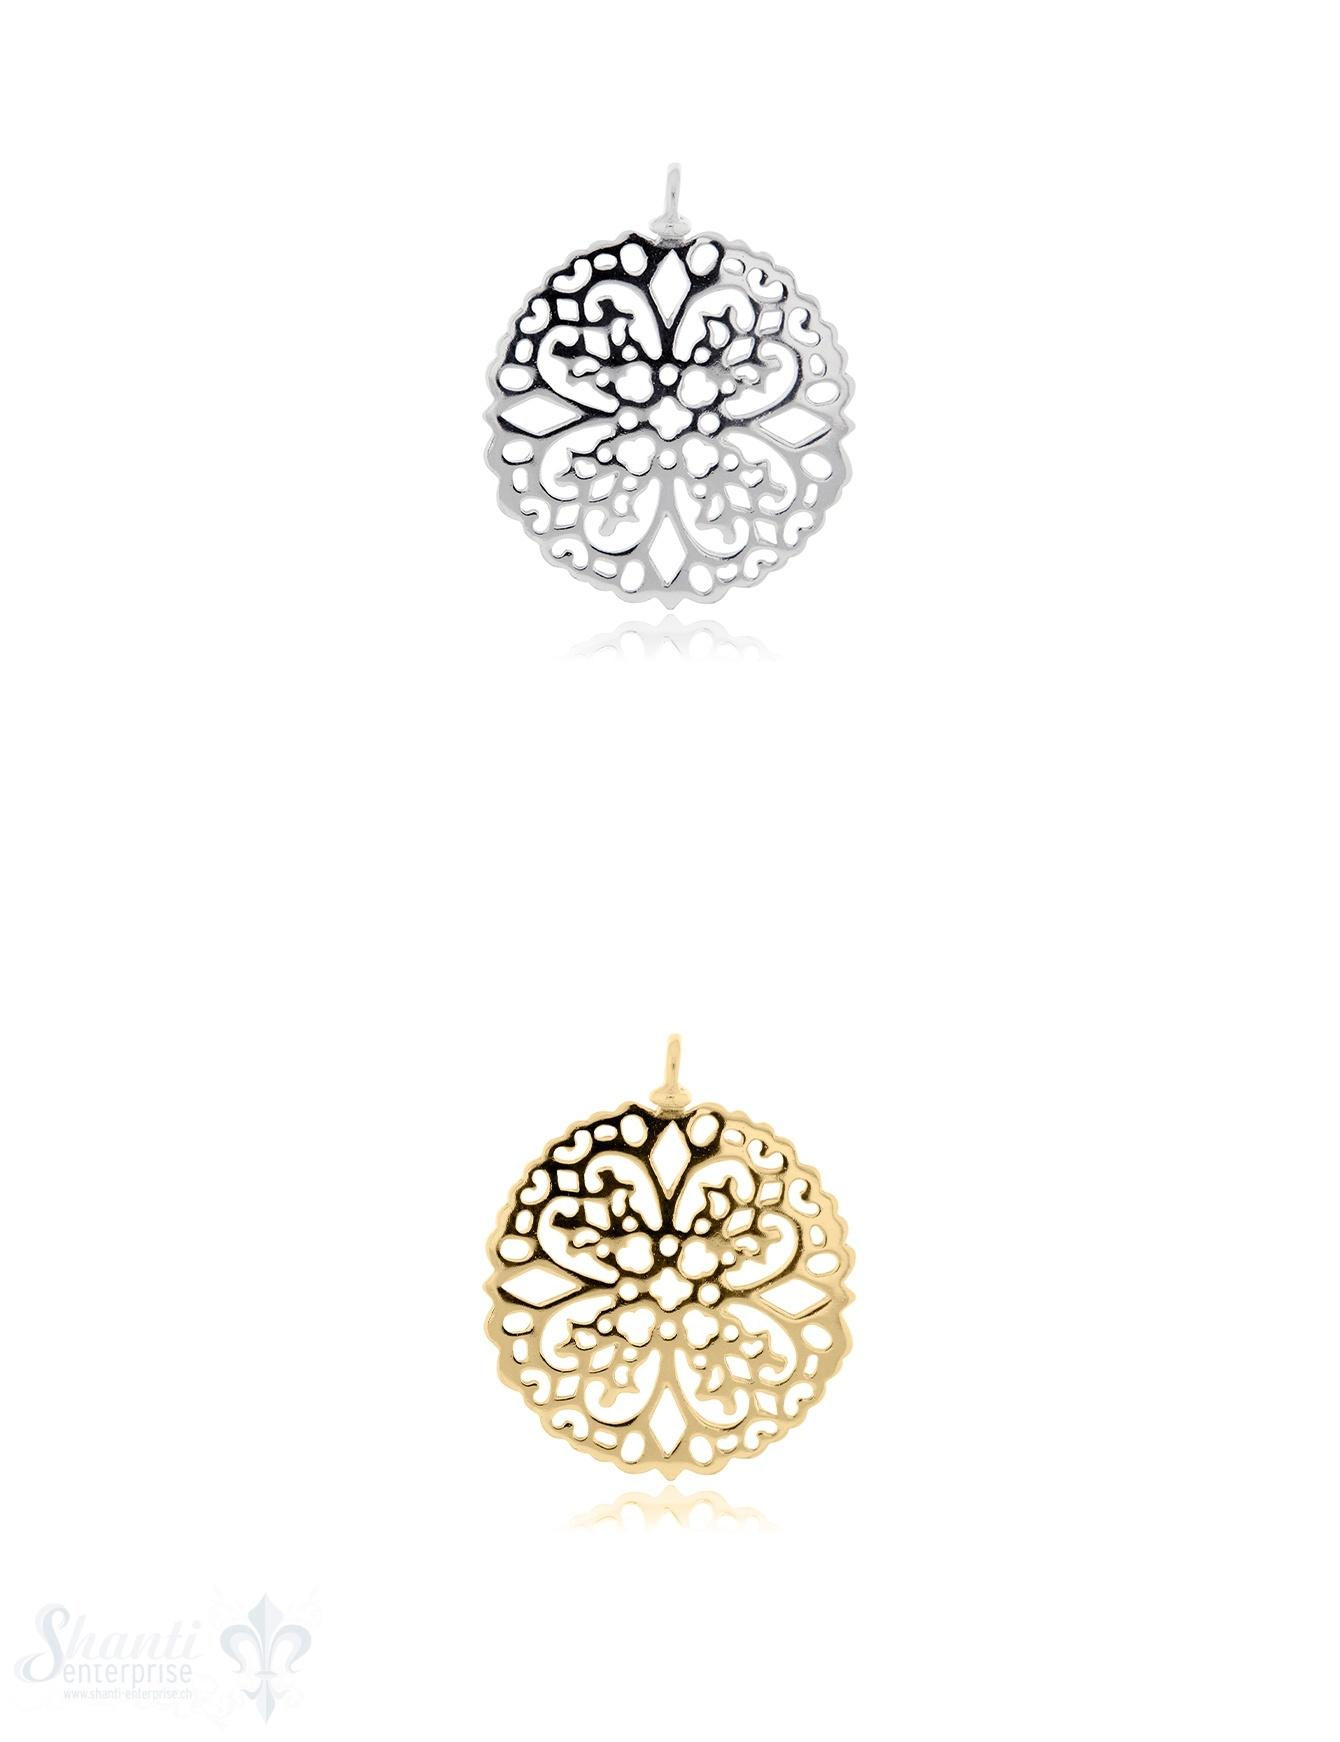 Silberanhänger Amulett Blumenmuster durchbrochen mit Öse 30 mm